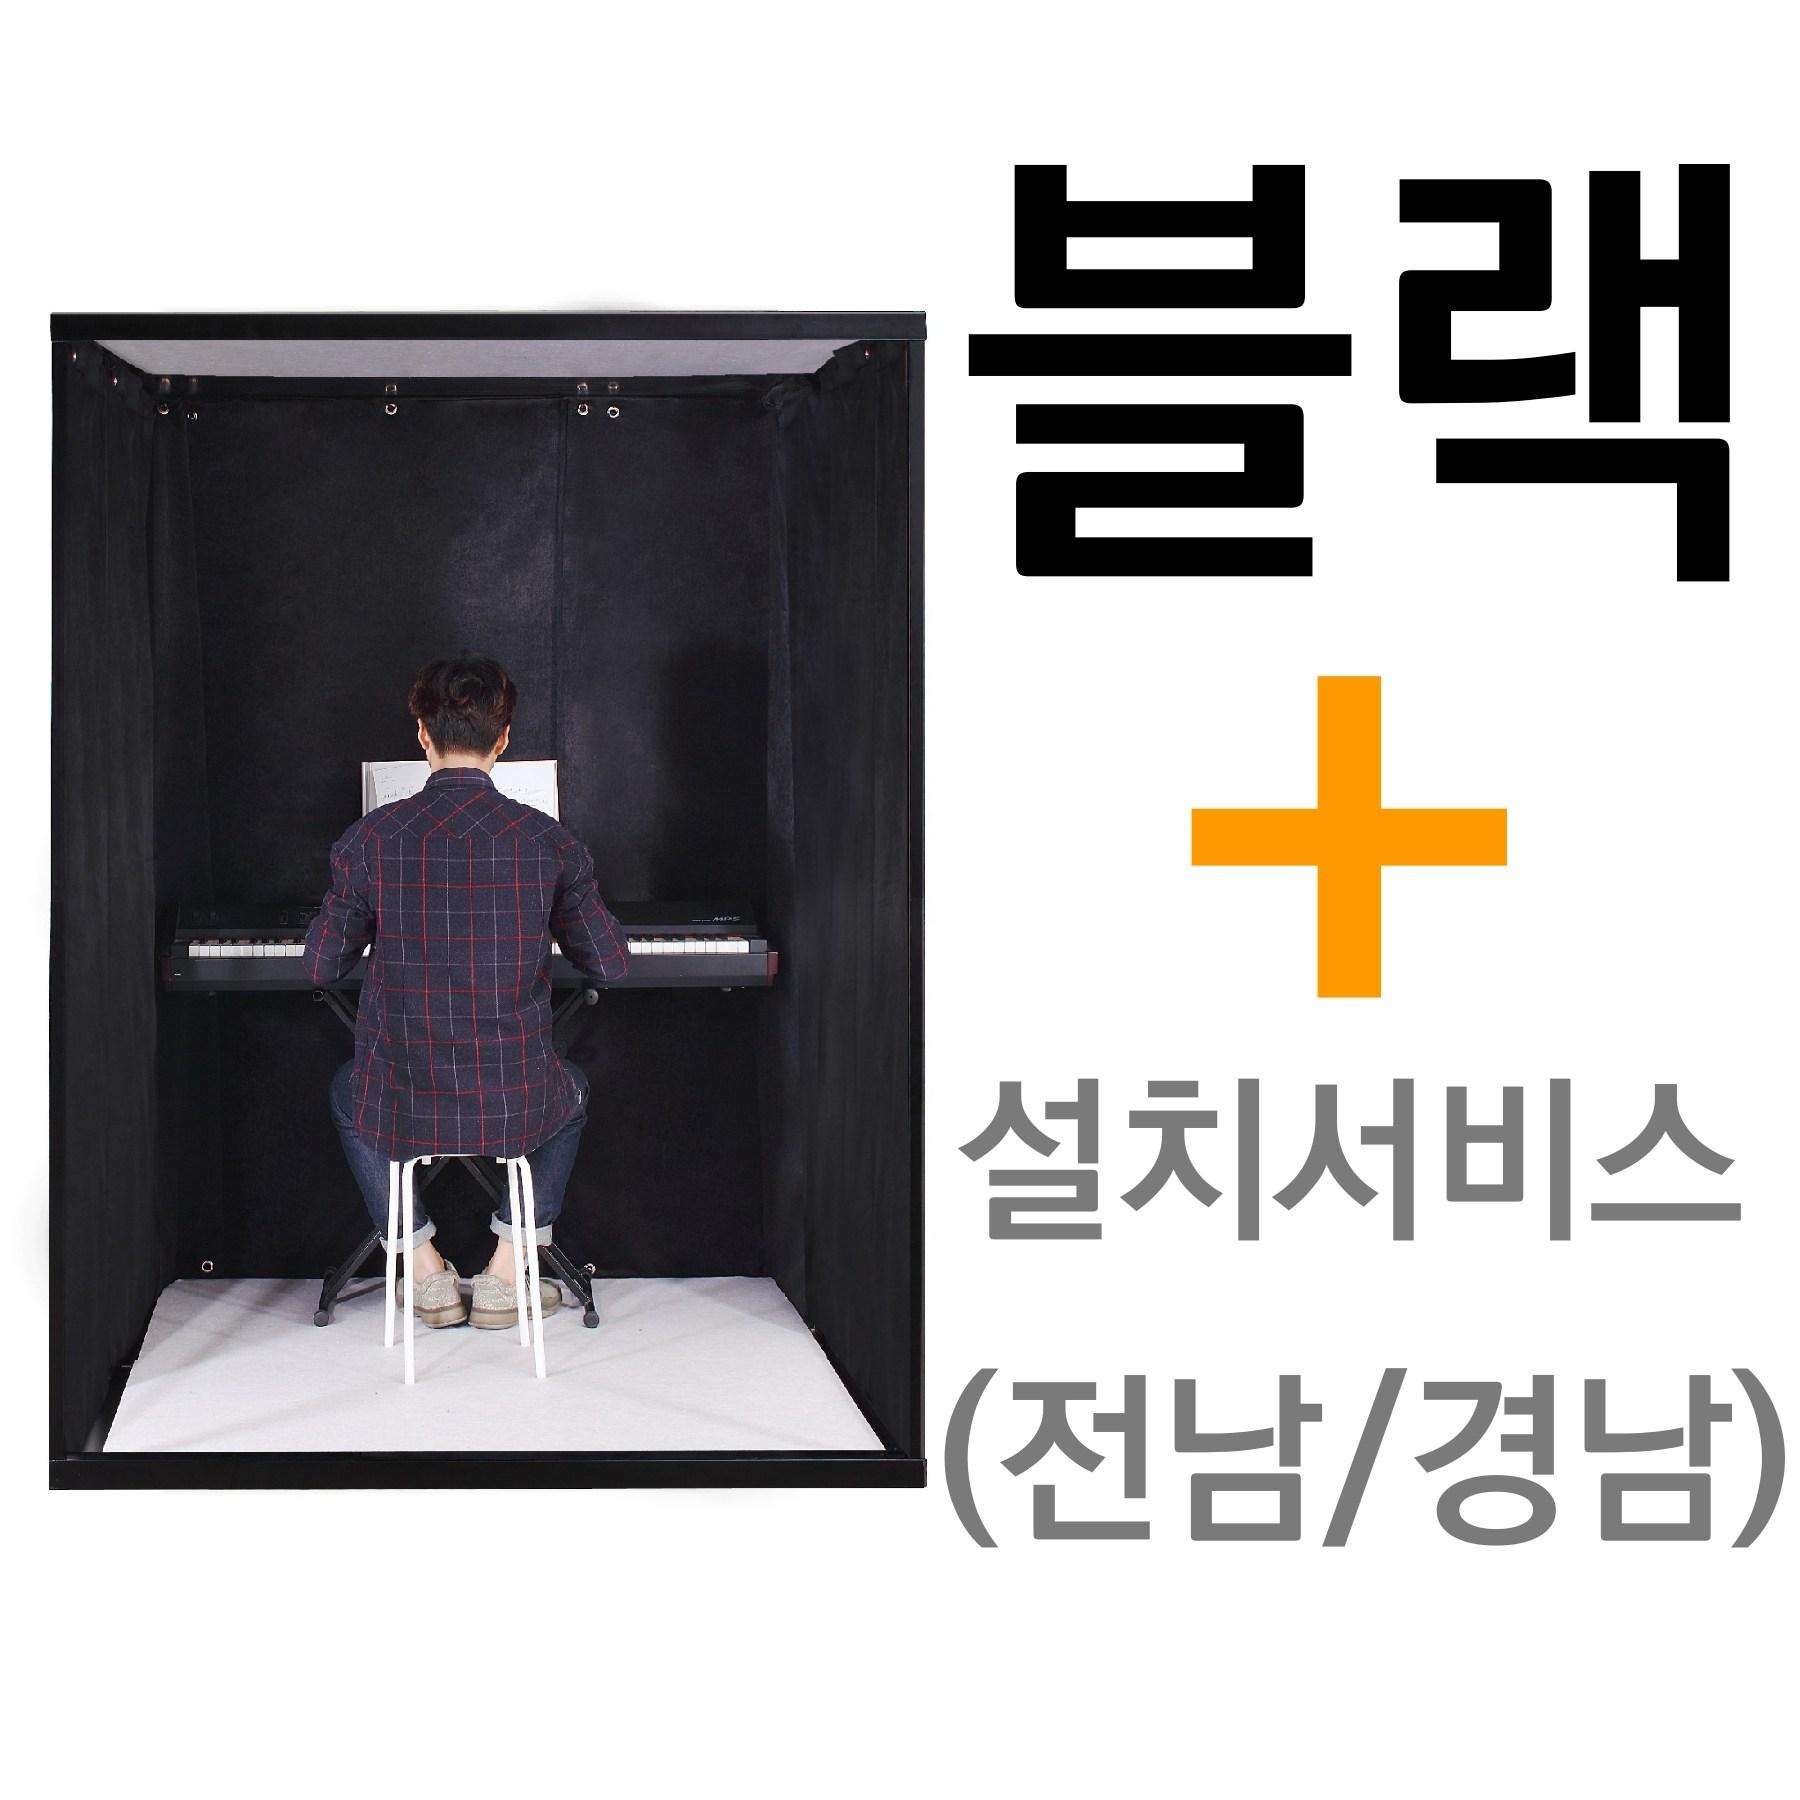 뮤지쿠스 방음부스 B150, 블랙 + 전남/경남 설치서비스 (+26만)